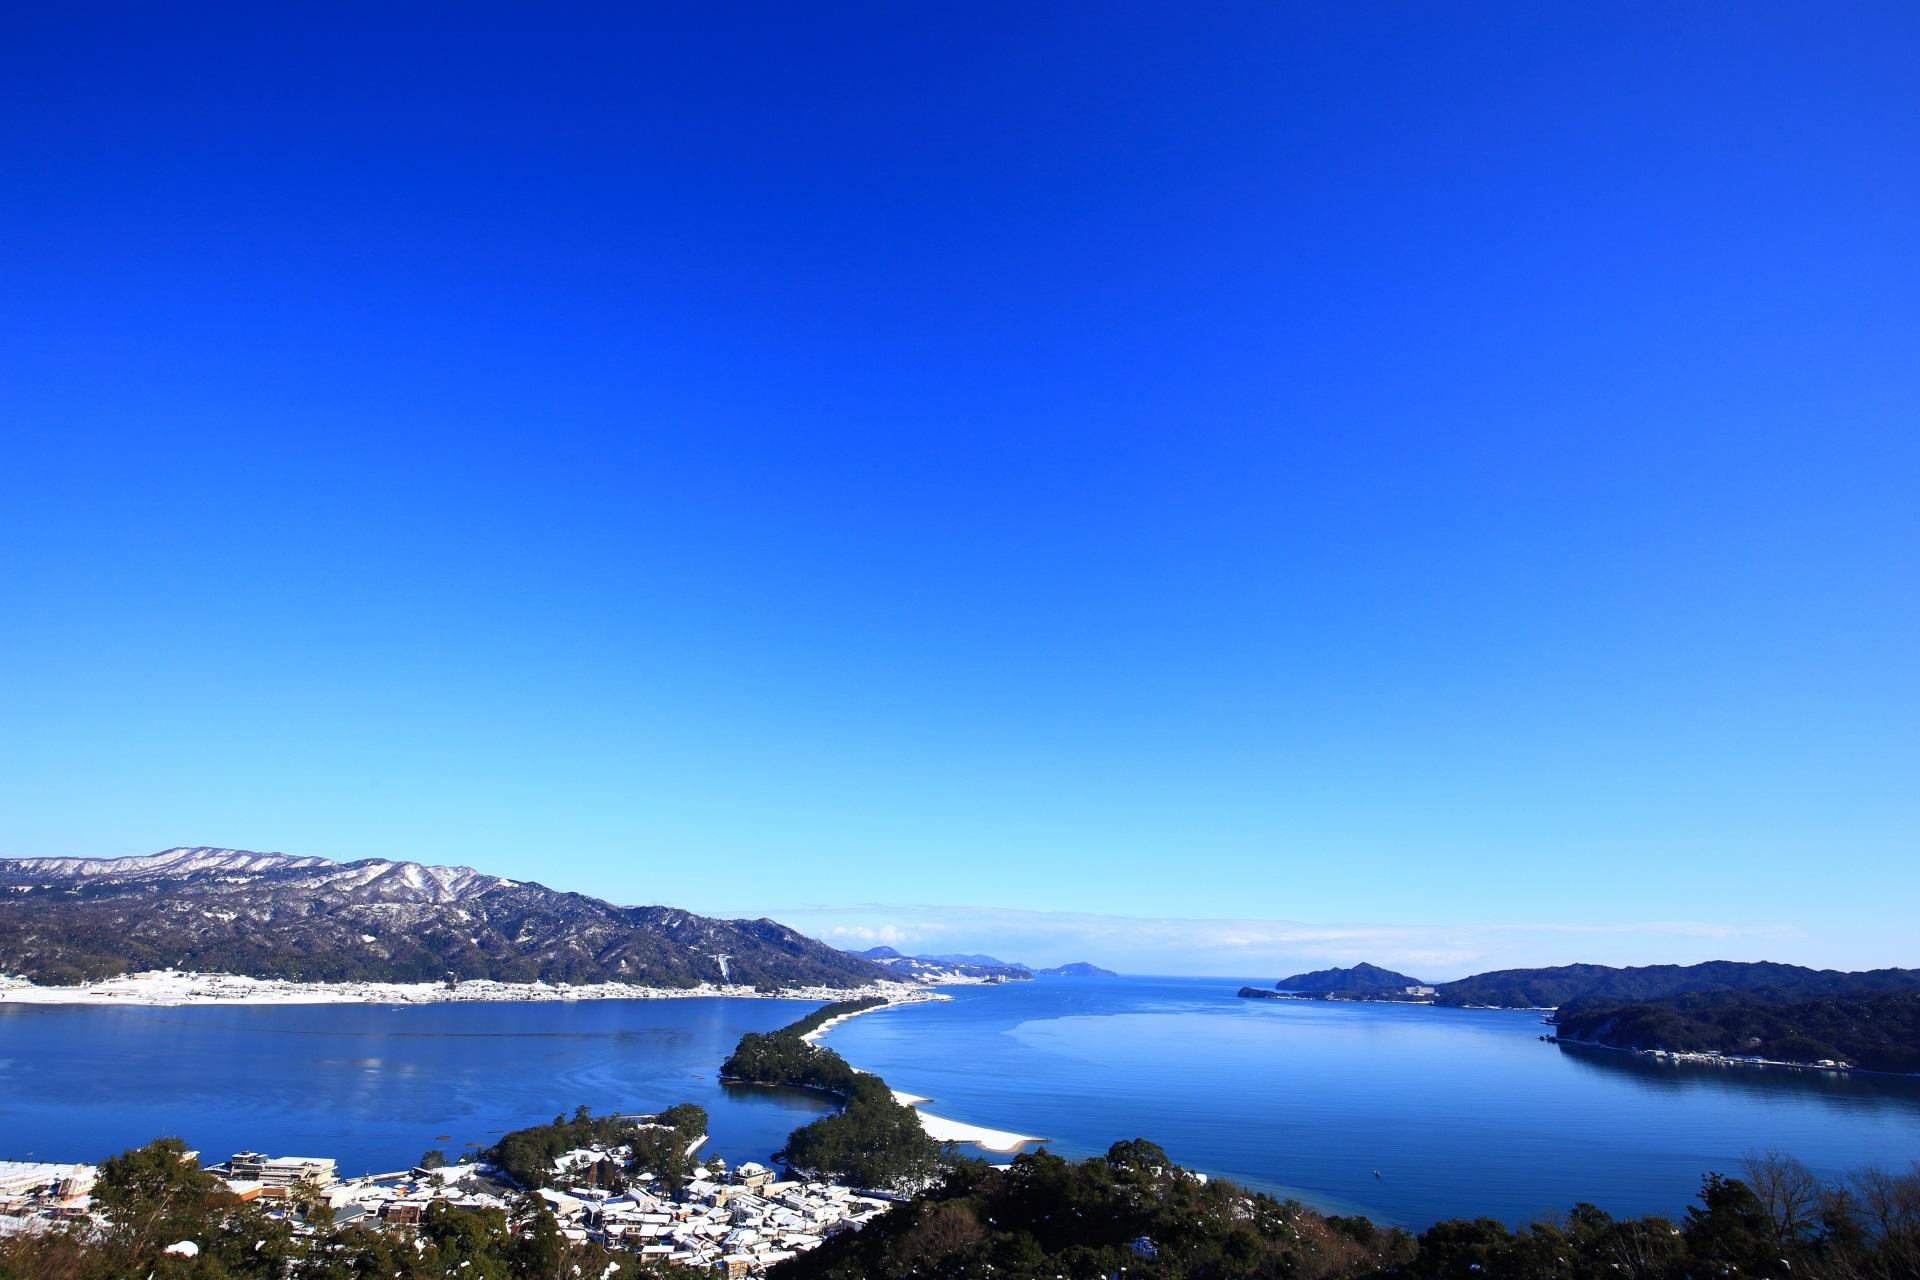 天橋立ビューランドから眺めた見事な青空と青い海の天橋立